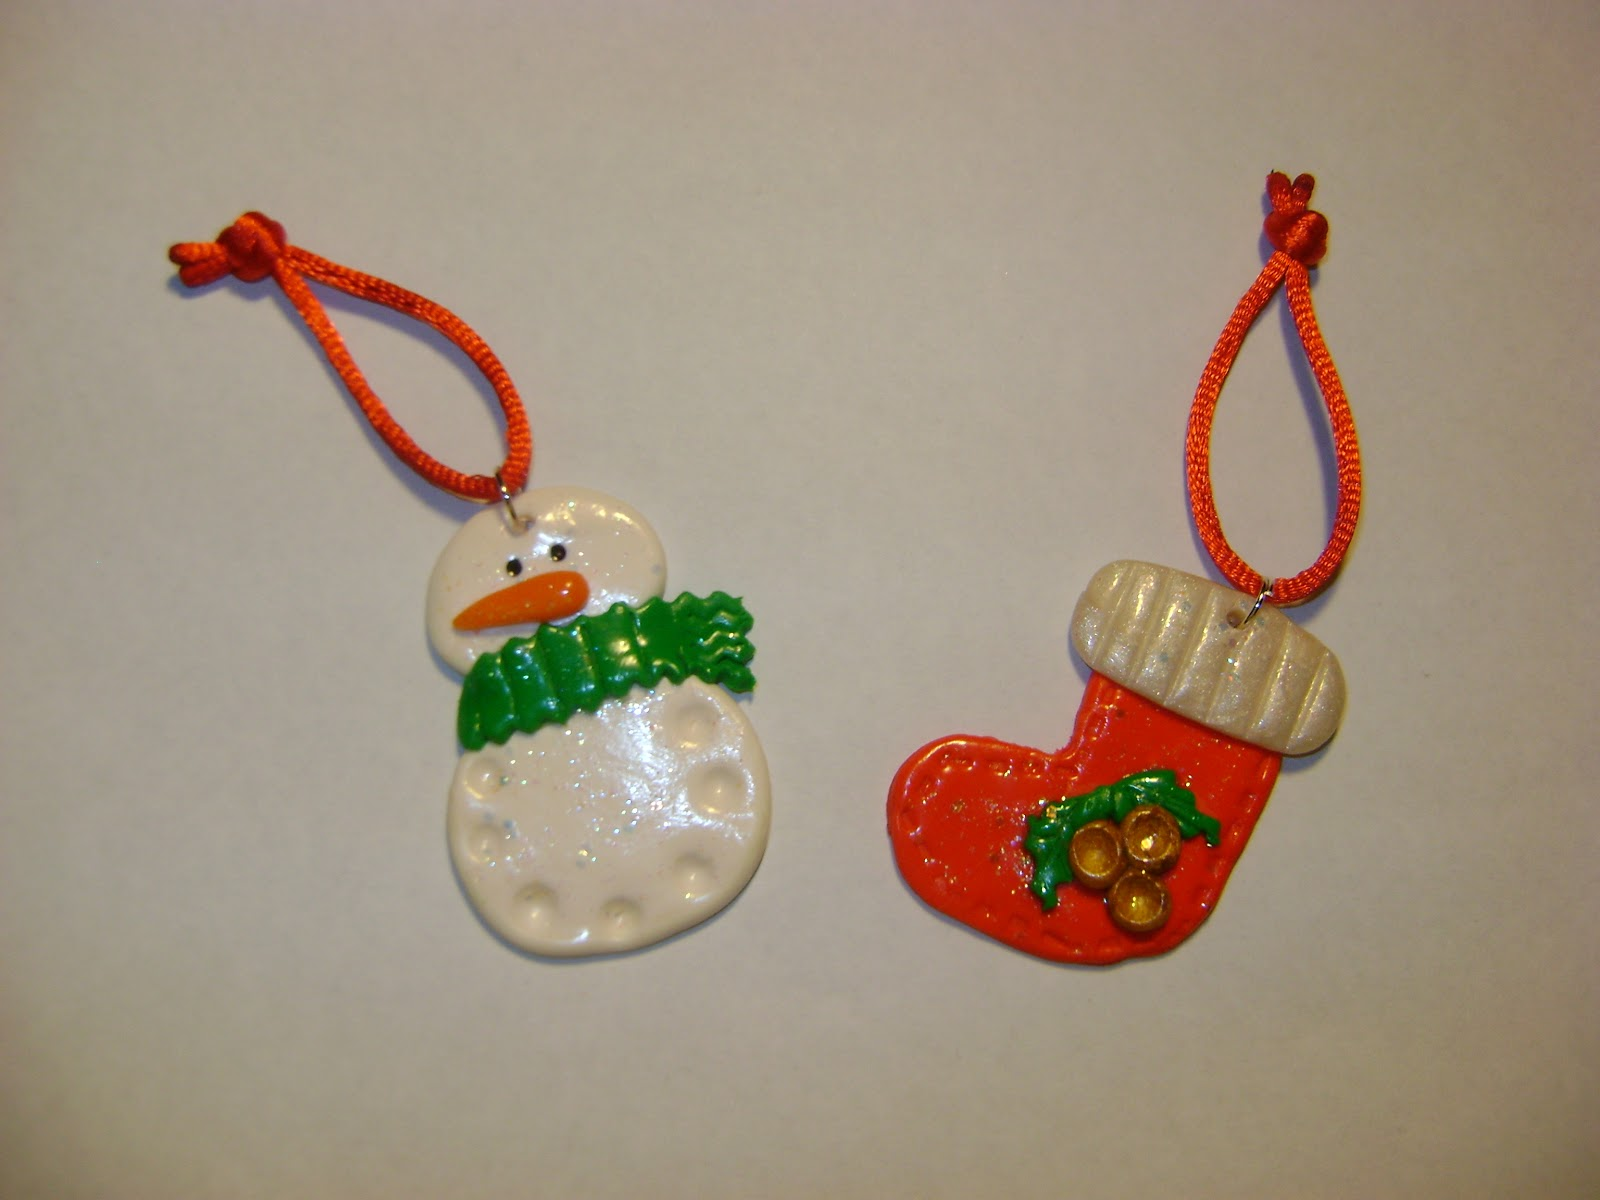 yo os voy dejando ya cositas para preparar la navidad en primer lugar unos adornos para el o lo q kerais